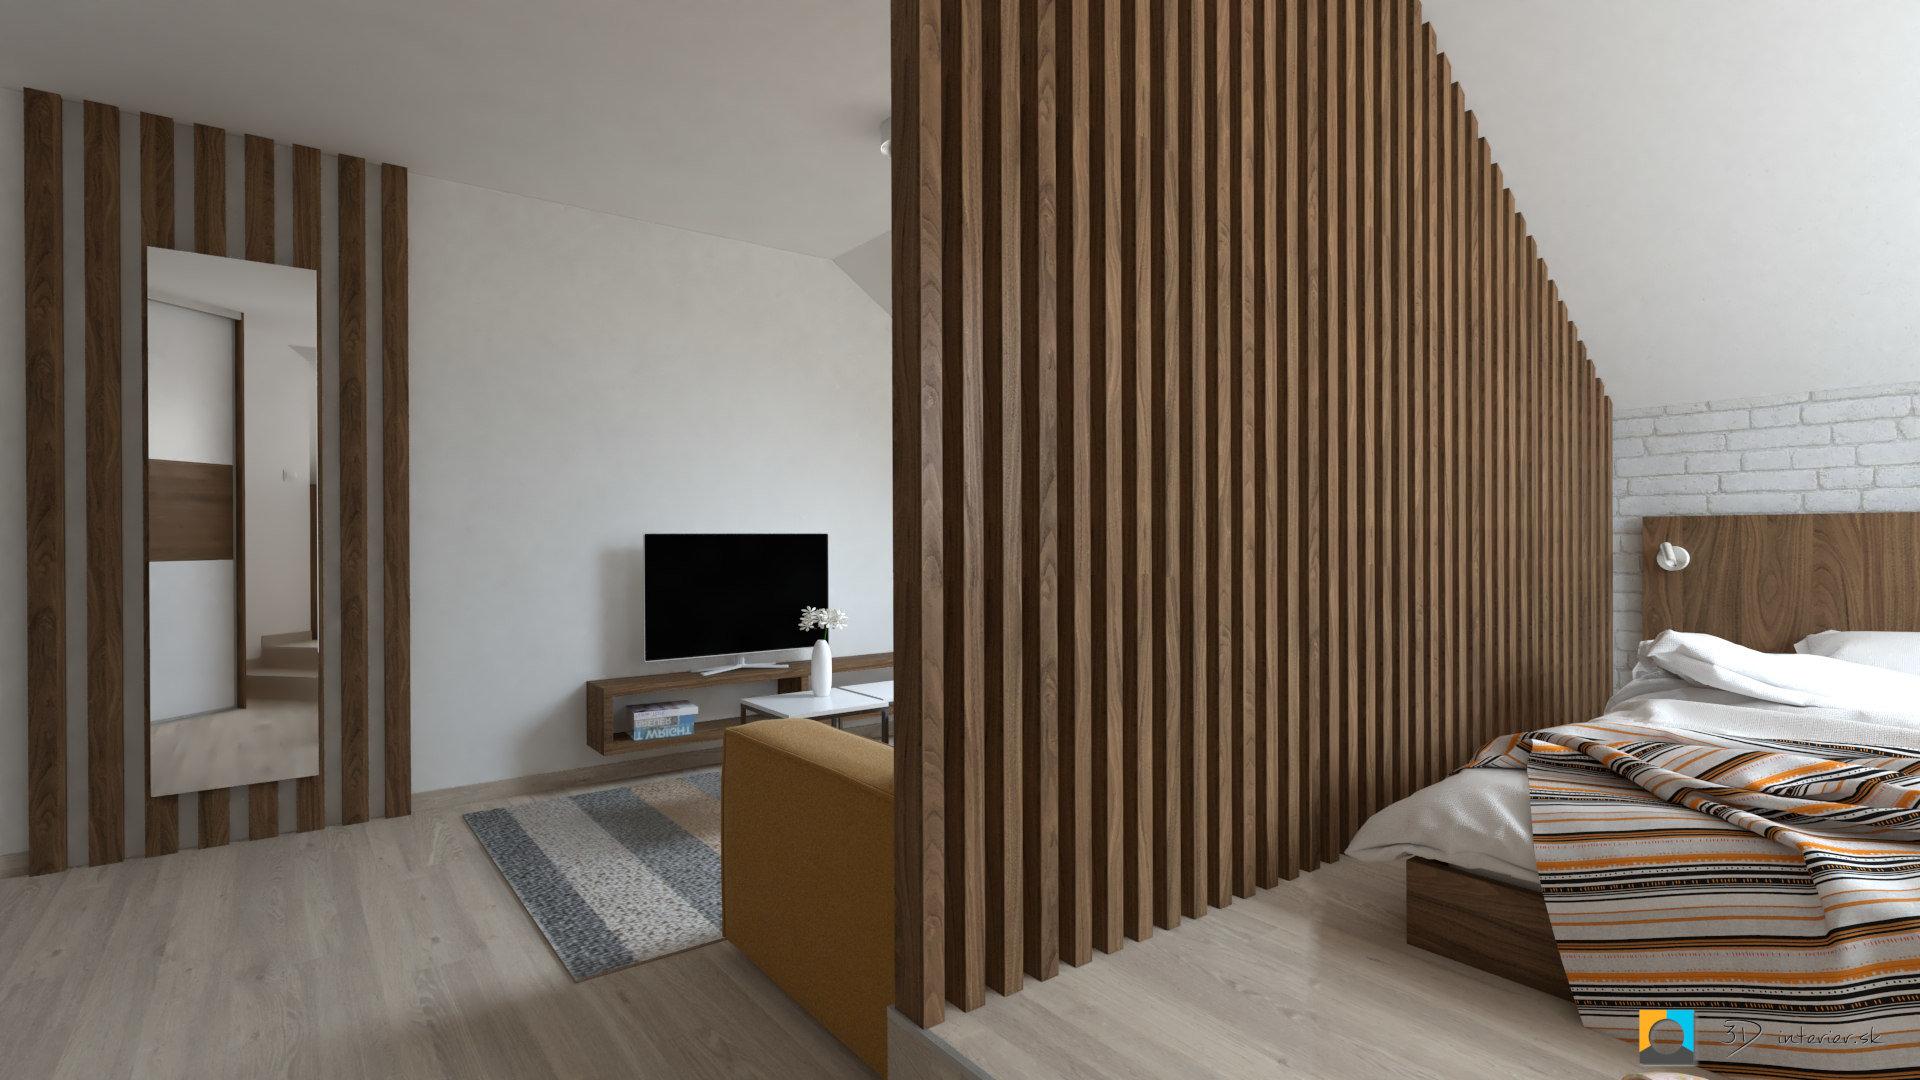 návrh interiéru izba deliaca stena tv skrinka